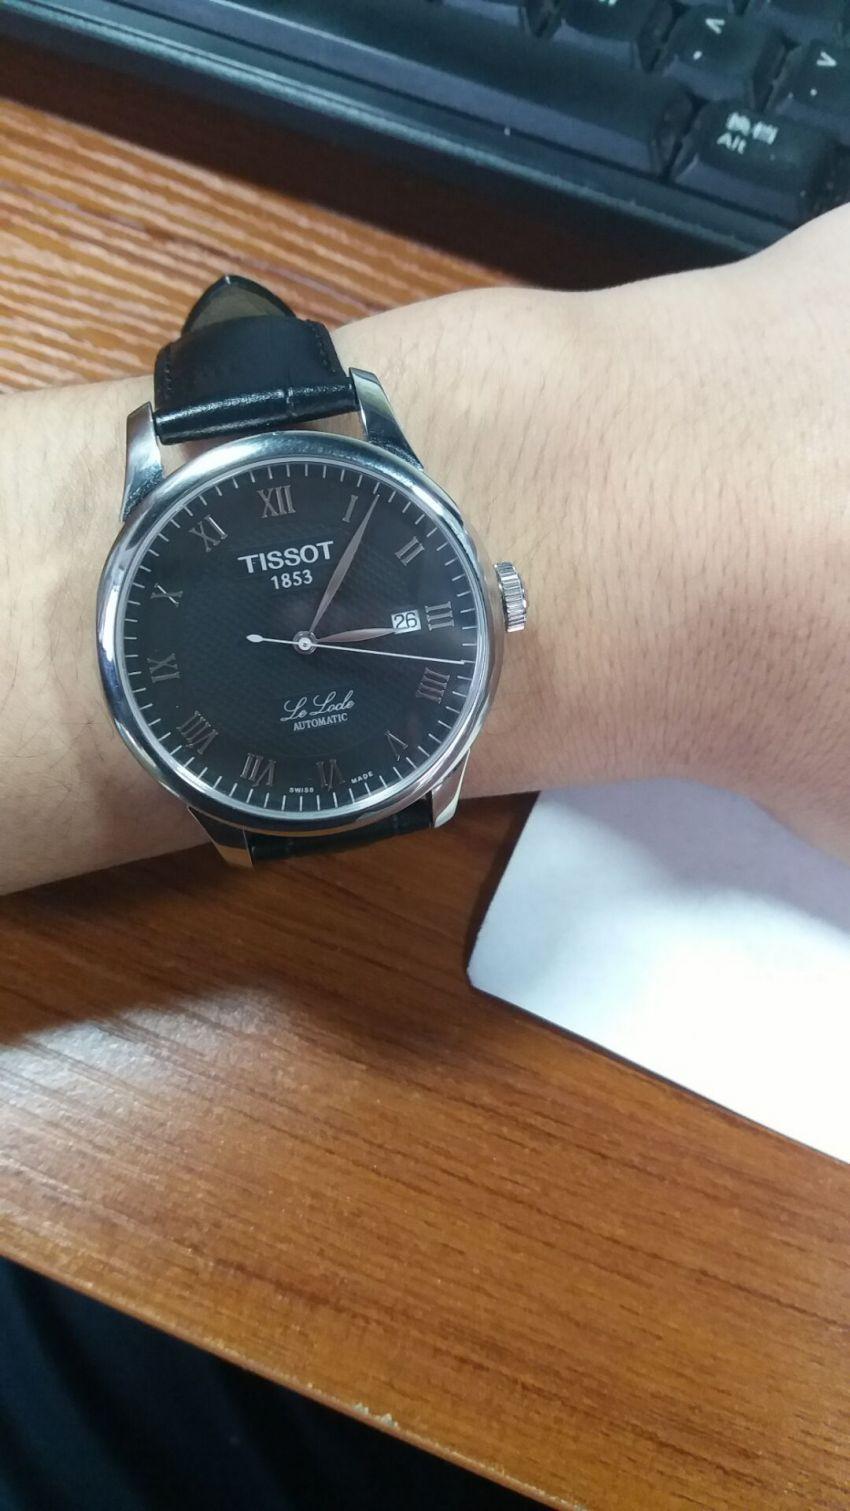 天梭T41.1.423.53手表【表友晒单作业】感觉是正品...